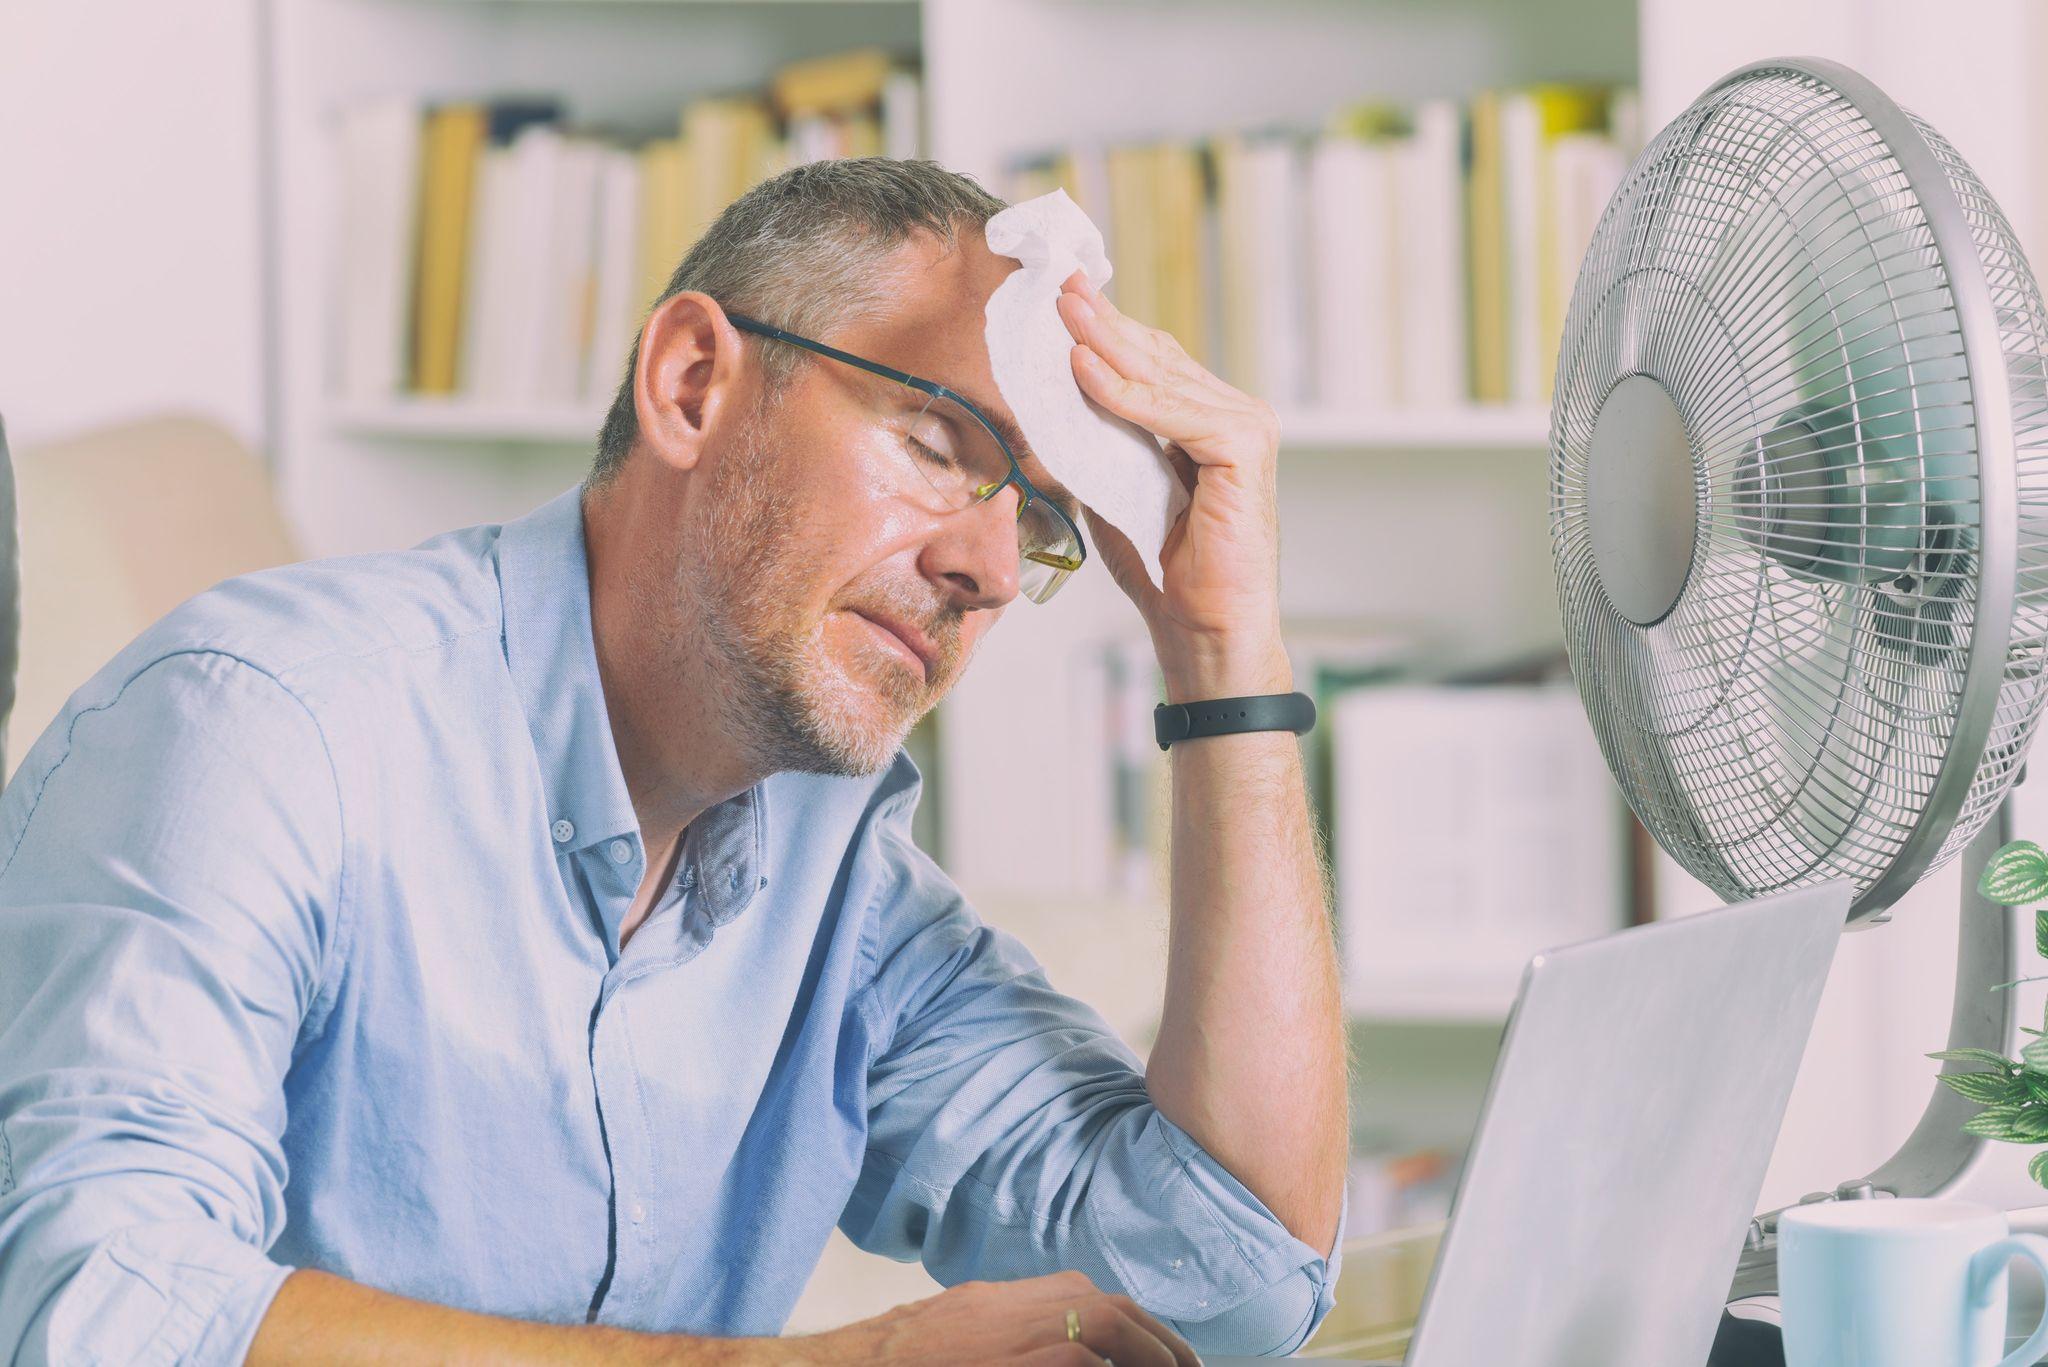 Wat is de meest effectieve manier om de temperatuur, het energieverbruik te verlagen en uw gezondheid thuis te beschermen?